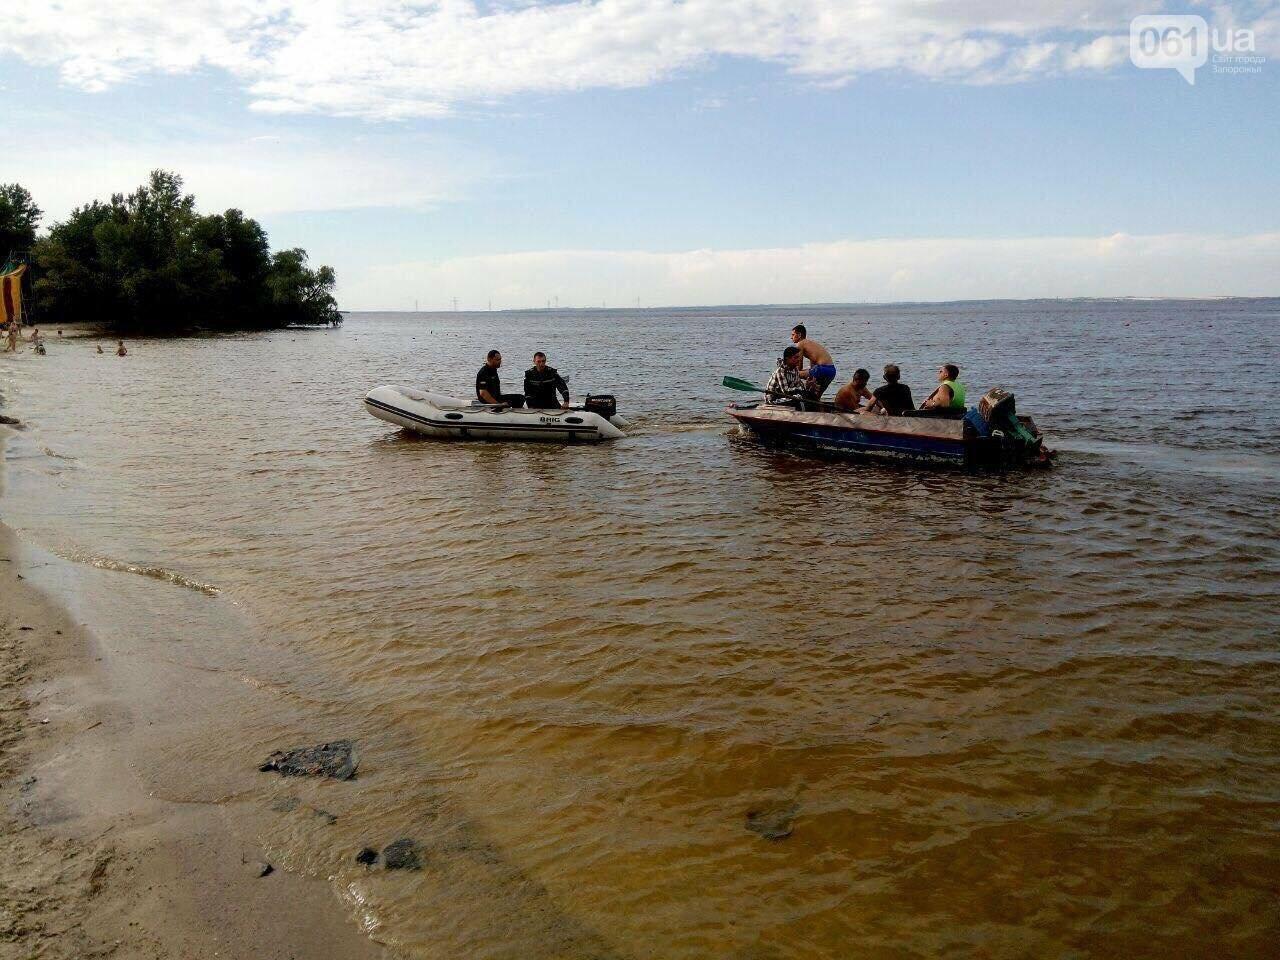 В Энергодаре на островах спасали мужчин: их лодка утонула, - ФОТО, фото-3